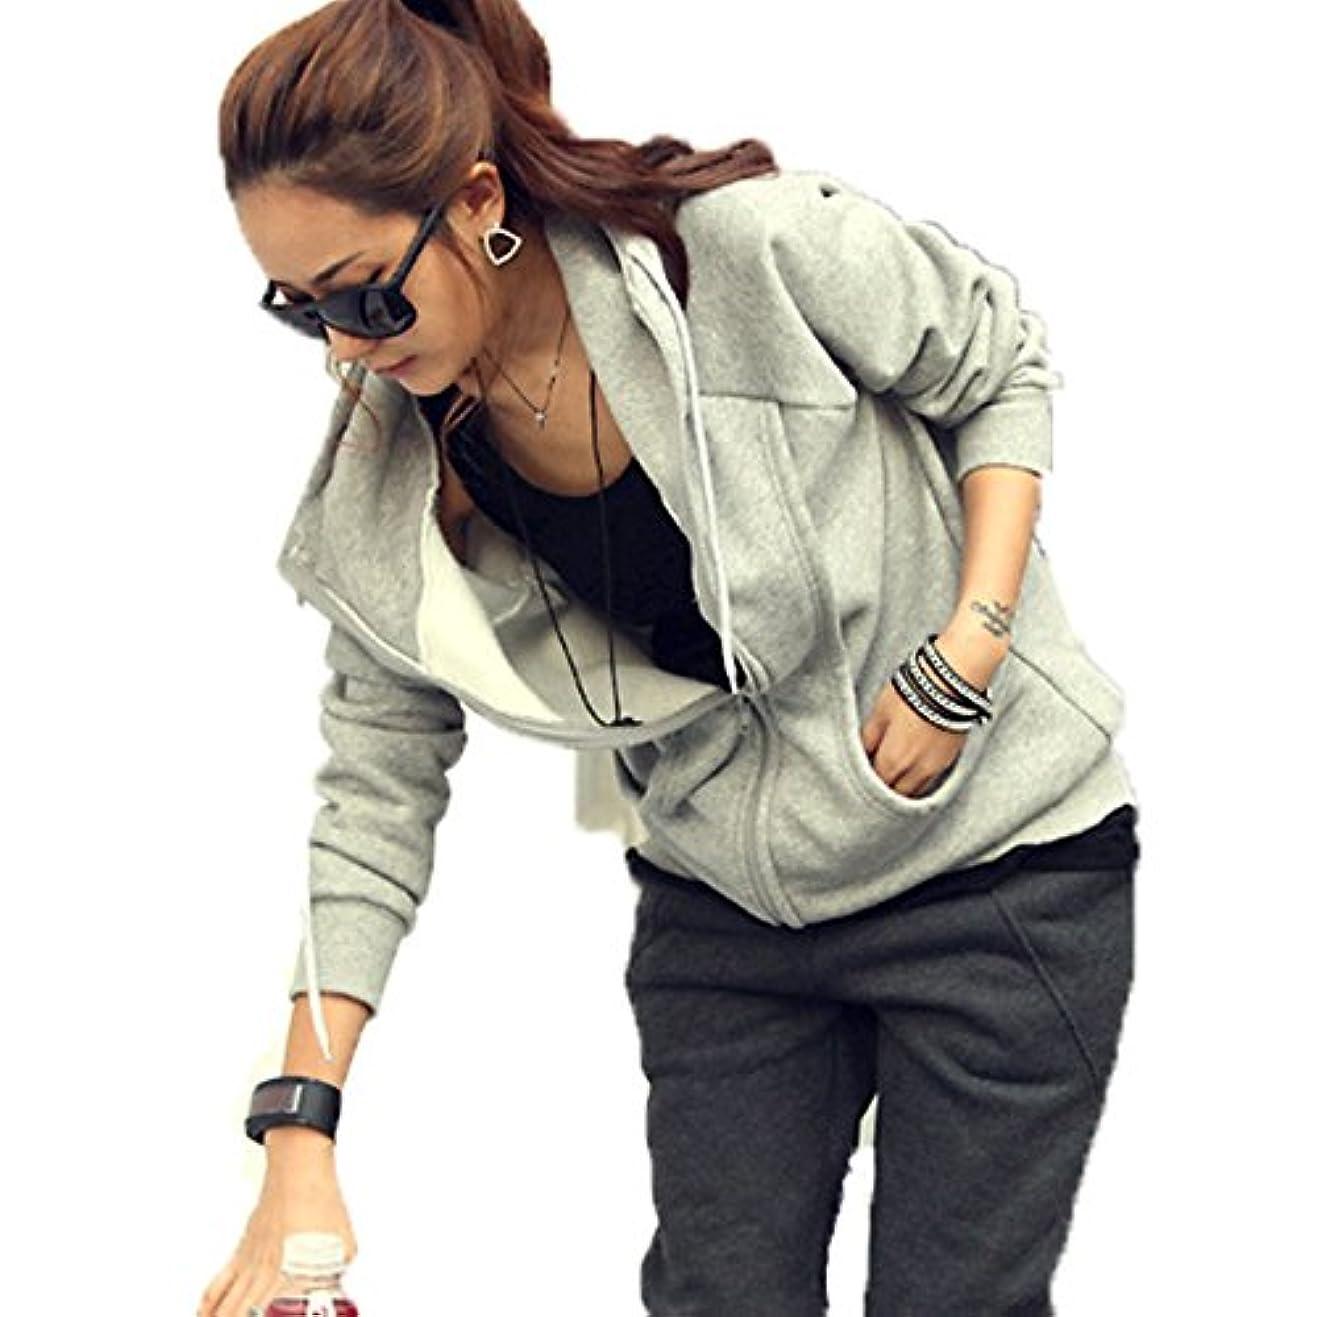 ウィンクブレイズもの[ココチエ] レディース パーカー シンプル ジップアップ 綿 フード かっこいい 長袖 おしゃれ カジュアル M L XL グレー ブラック